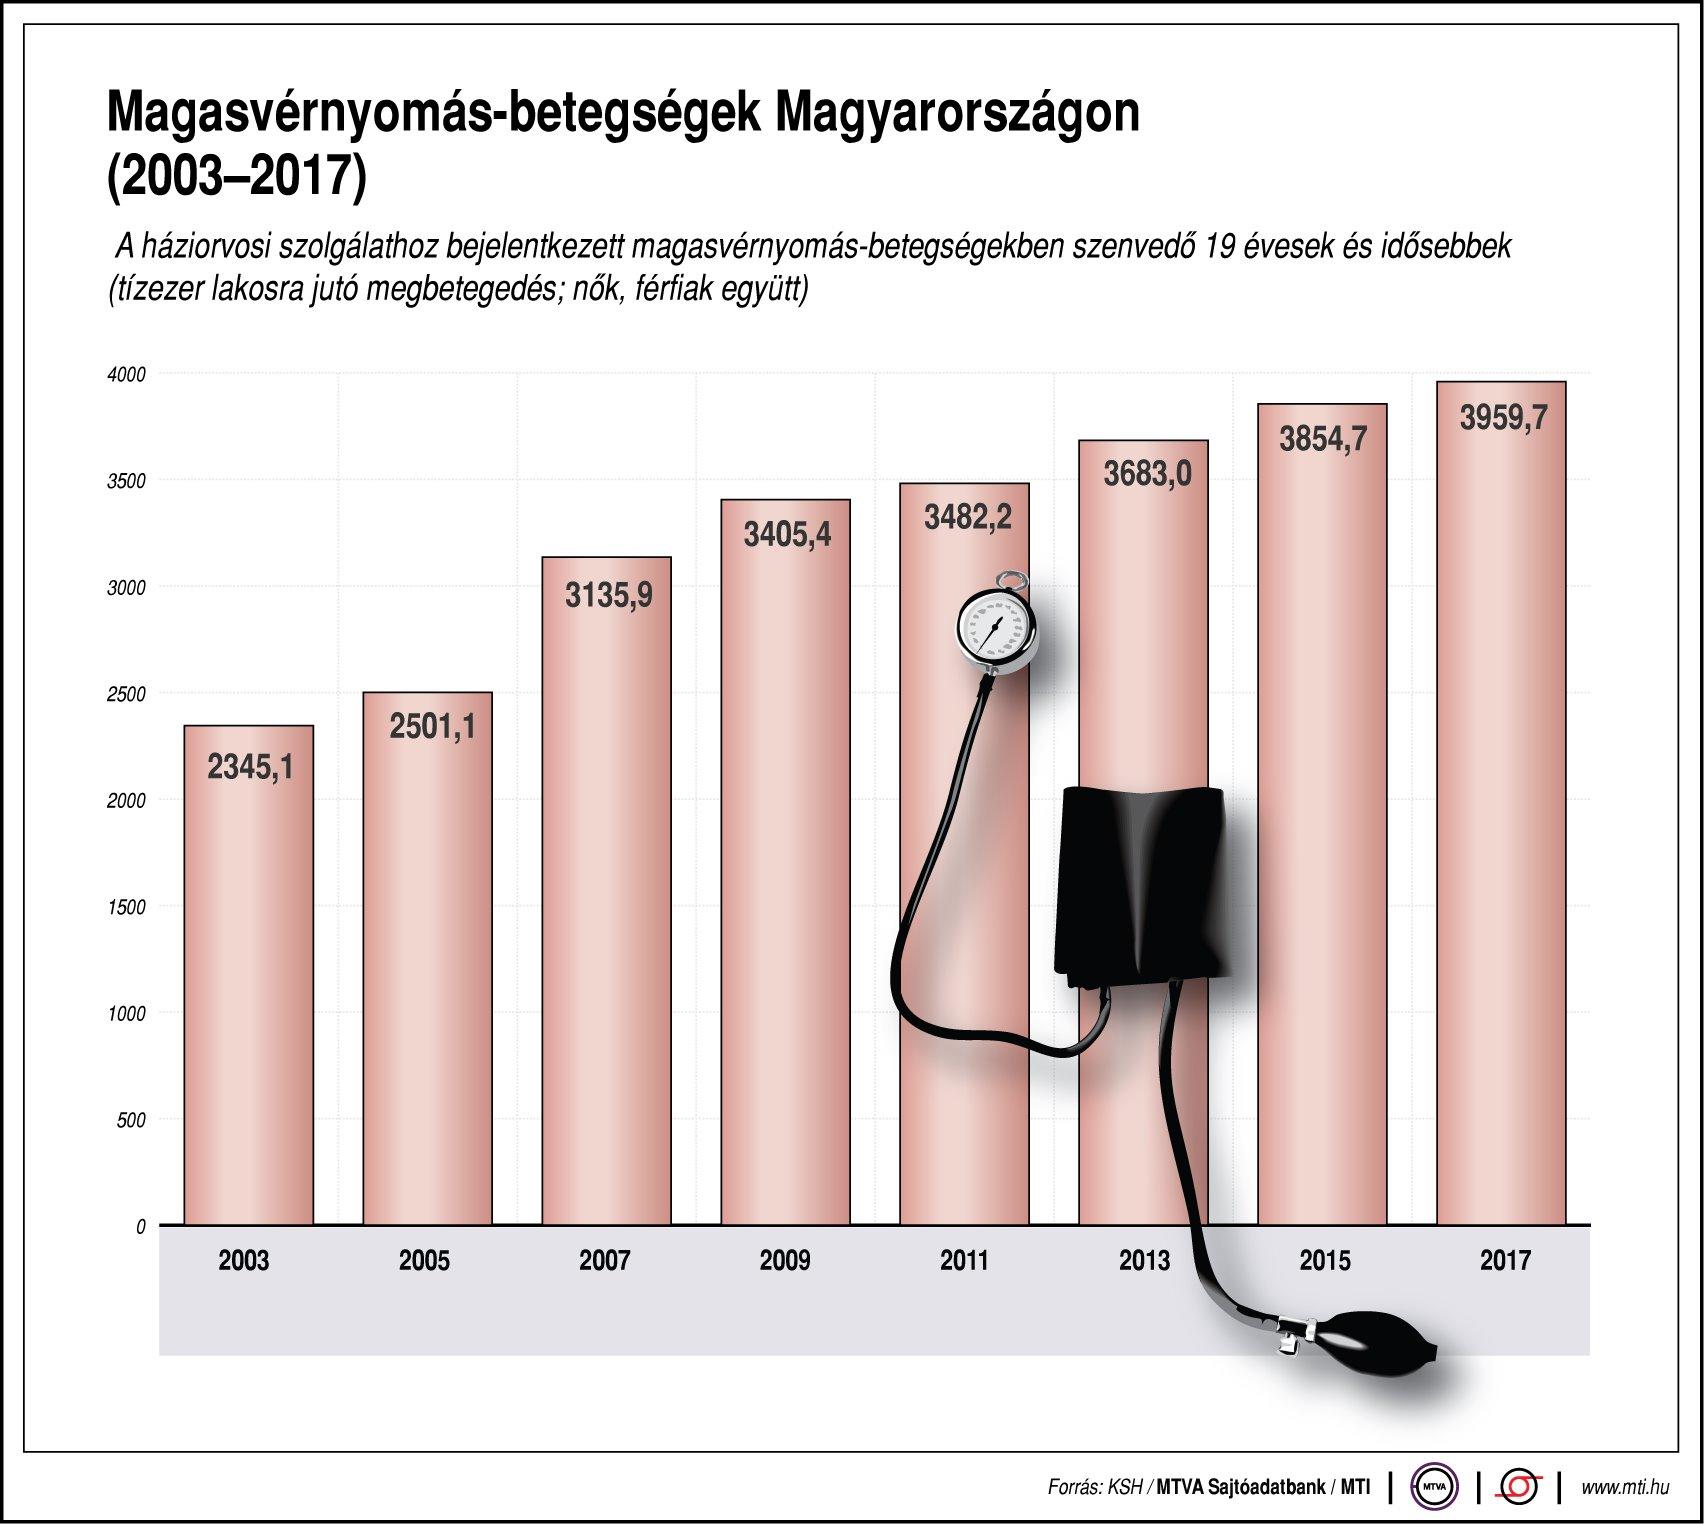 Dinamikus hipertónia esetén. Hogyan előzhetjük meg a magas vérnyomás (hipertónia) kialakulását?